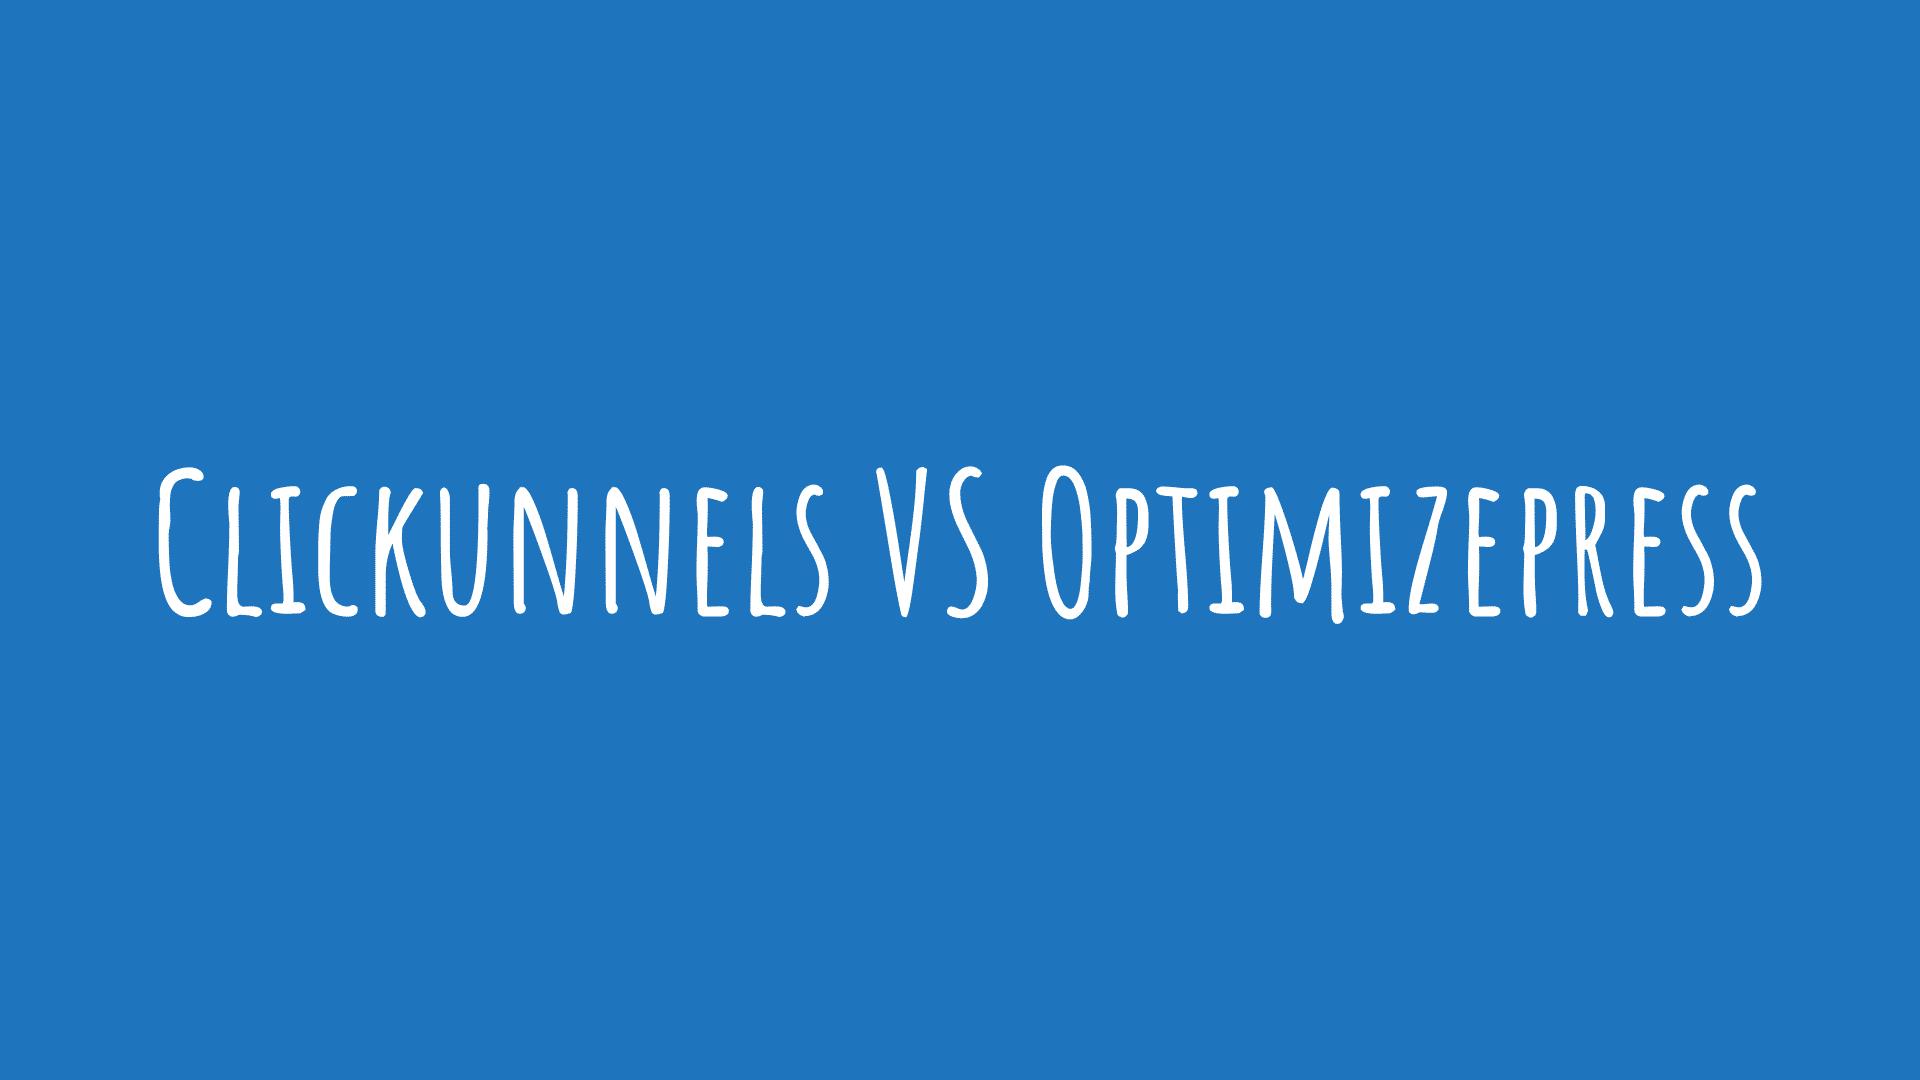 Clickunnels VS Optimizepress